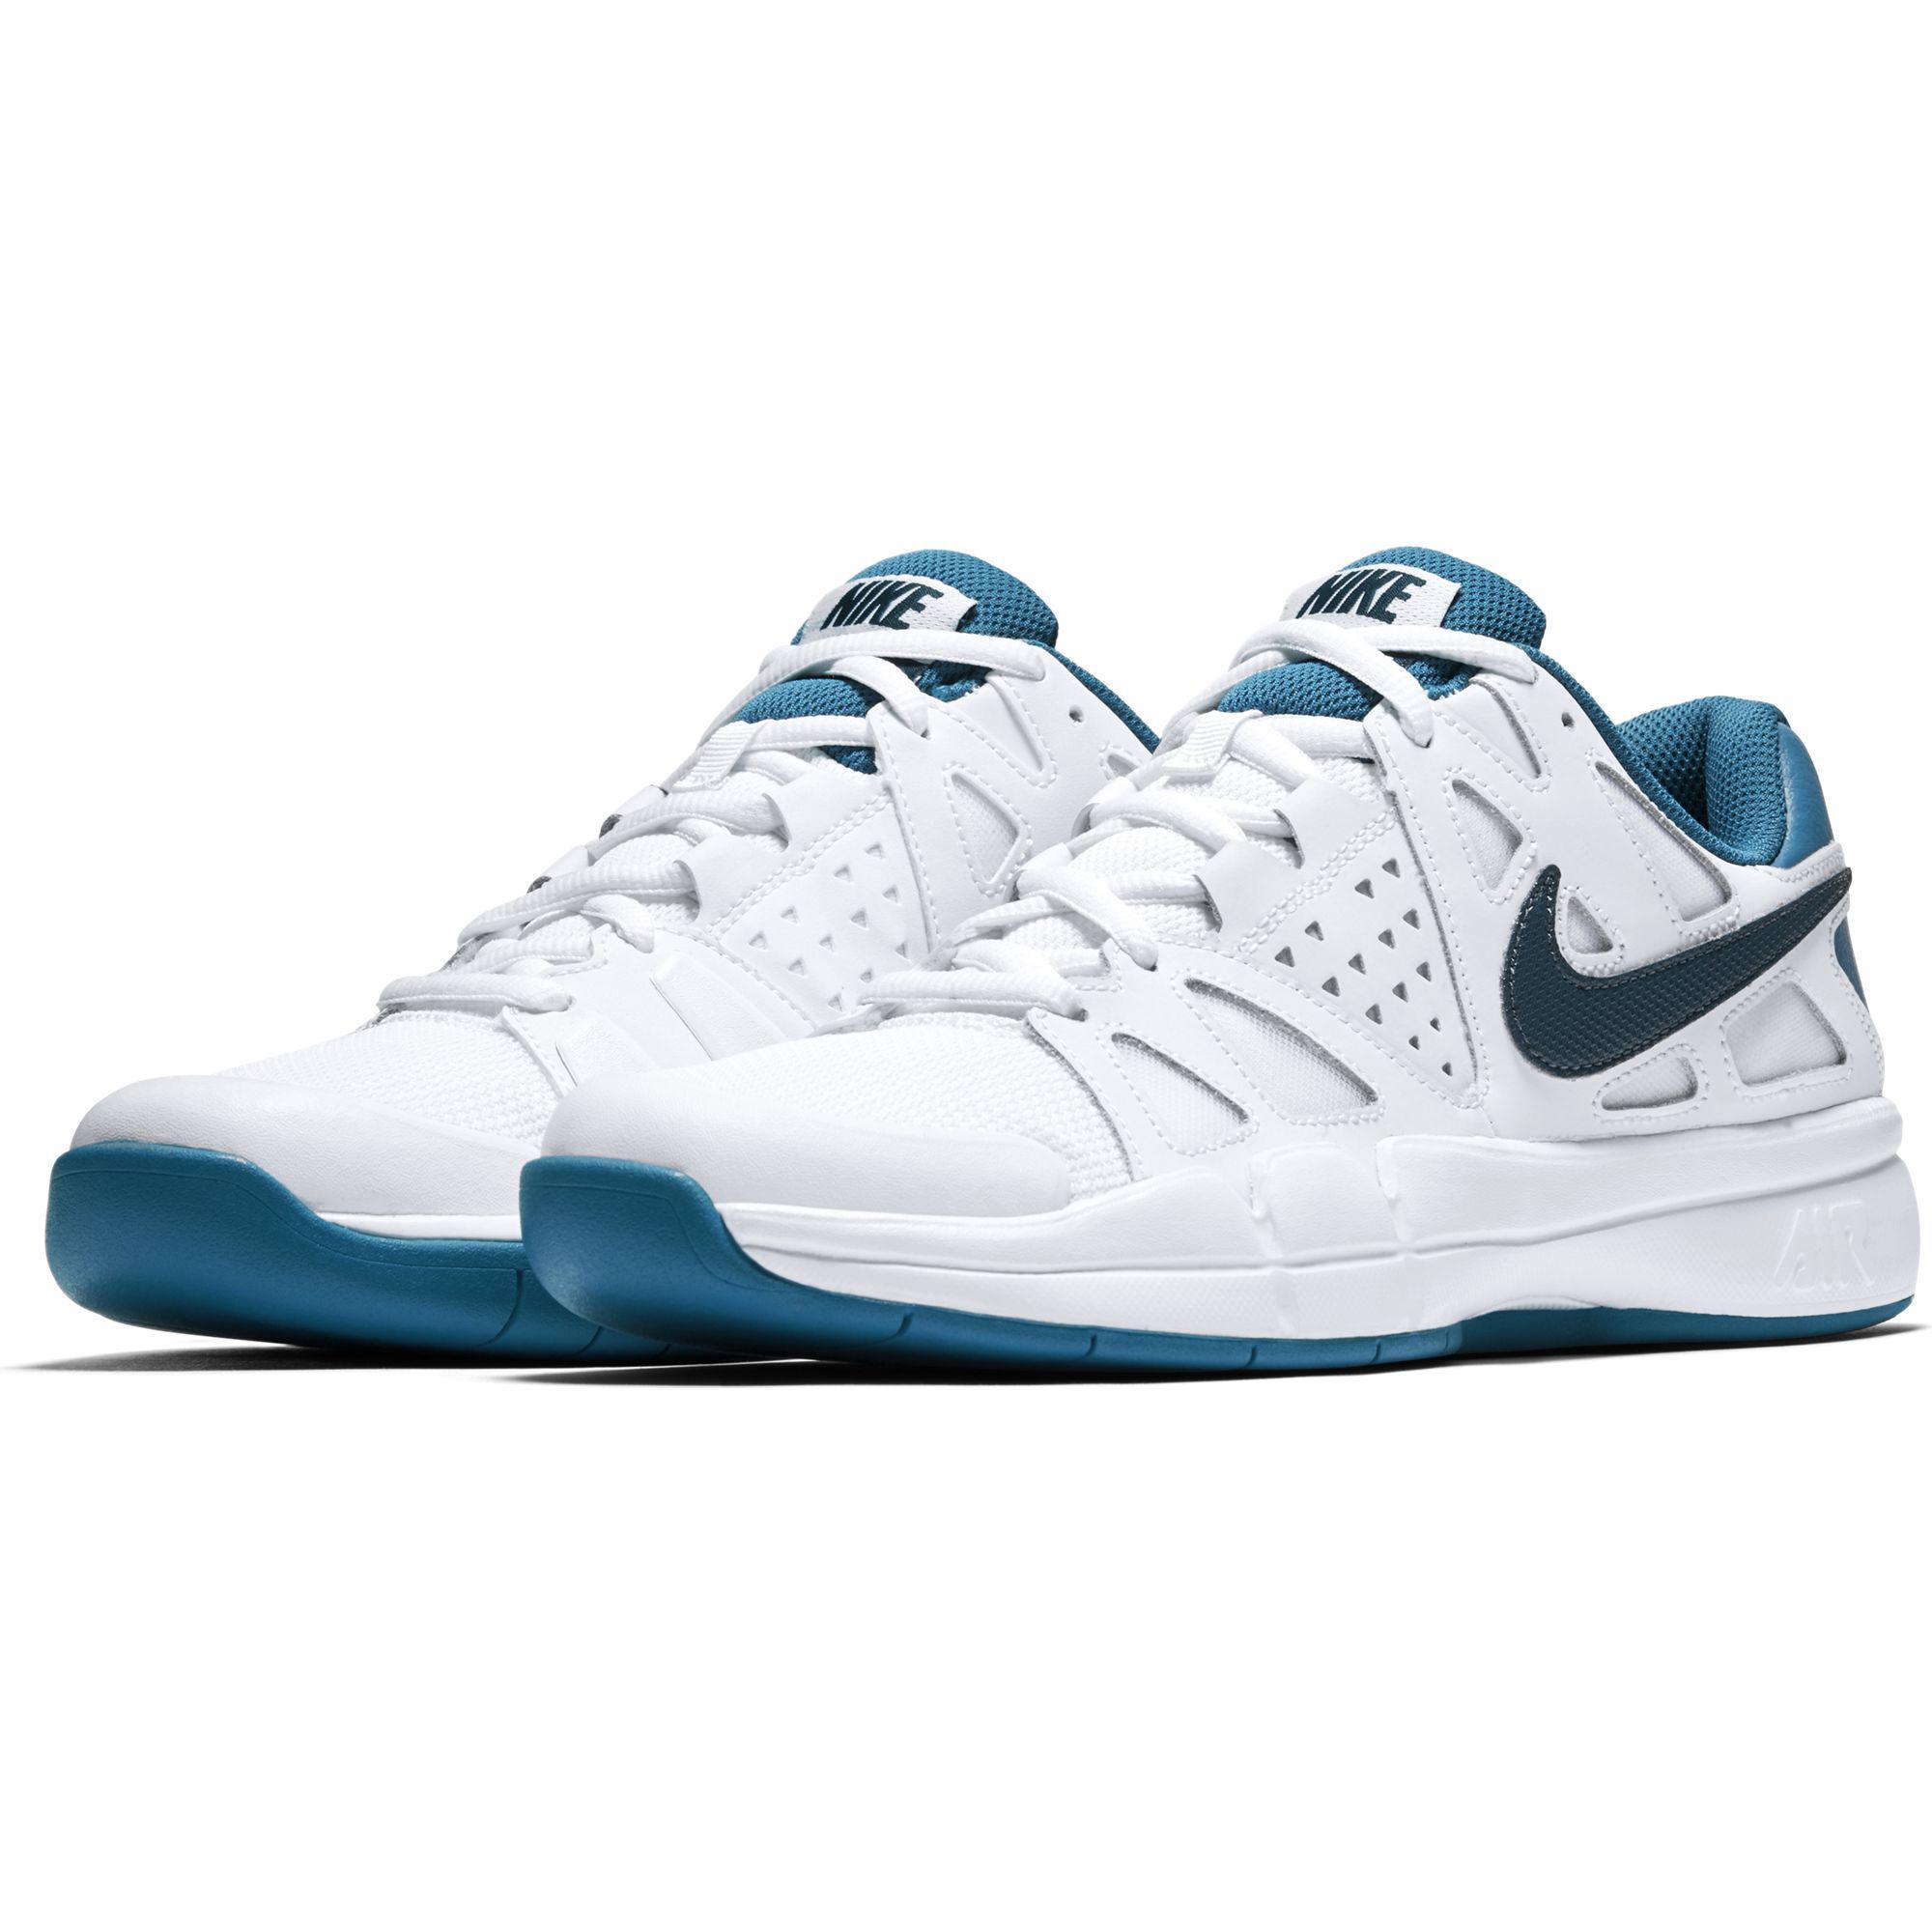 Kids Nike Vapor Blue Cleats Shoes Vapor Blue Cigarettes  9789d90c3625